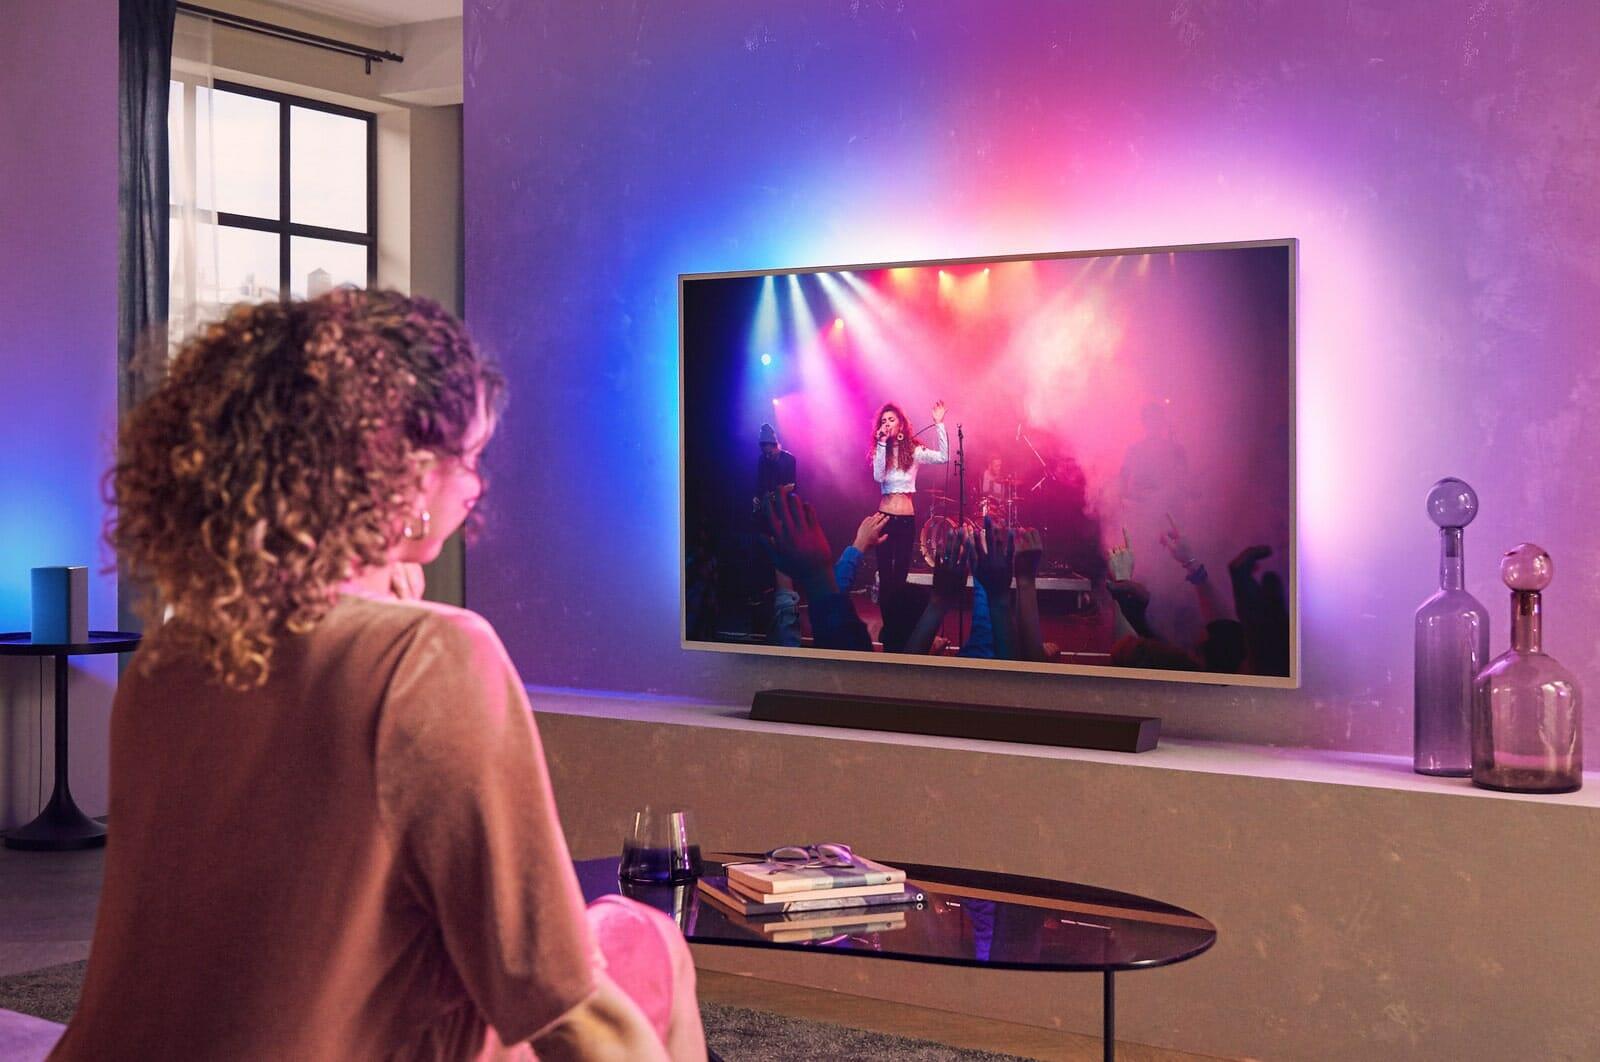 Philips: Sieben neue Soundbars von 2.1 Stereo-Sound bis 7.1.2 Dolby Atmos -  4K Filme